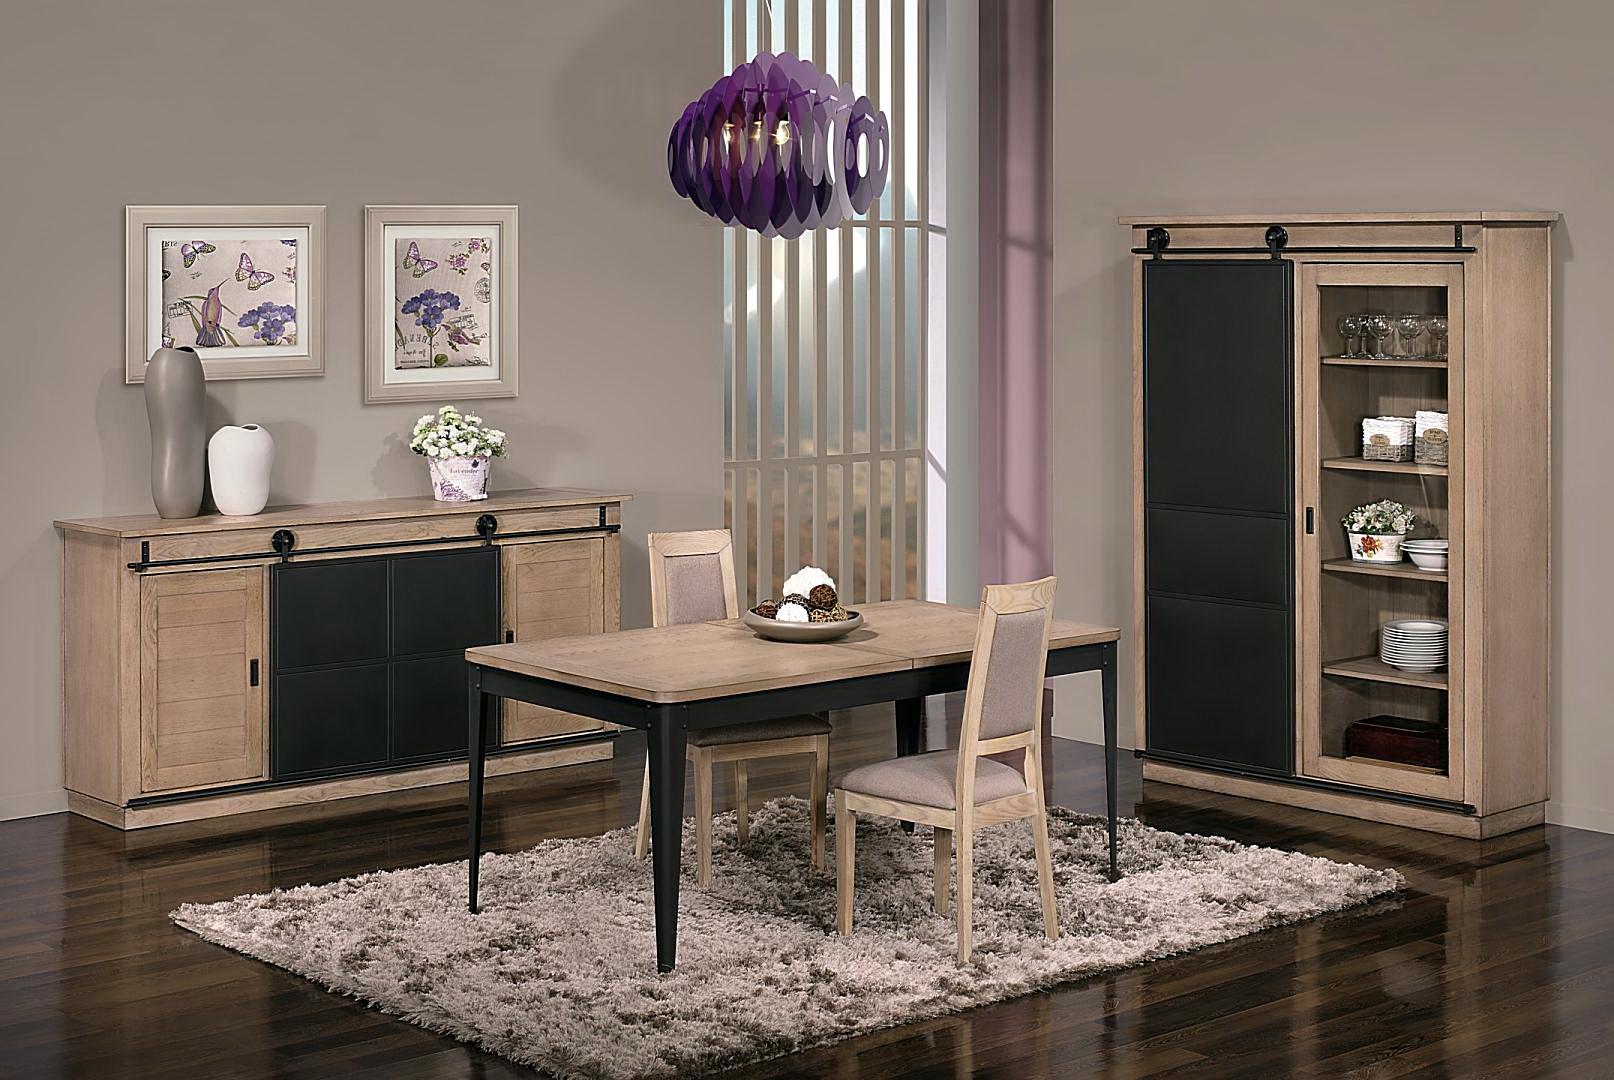 Mueble para comedor Estilo Industrial LOFT by Antika 2 ANTIKA17673 Muebles ANTOÑAN